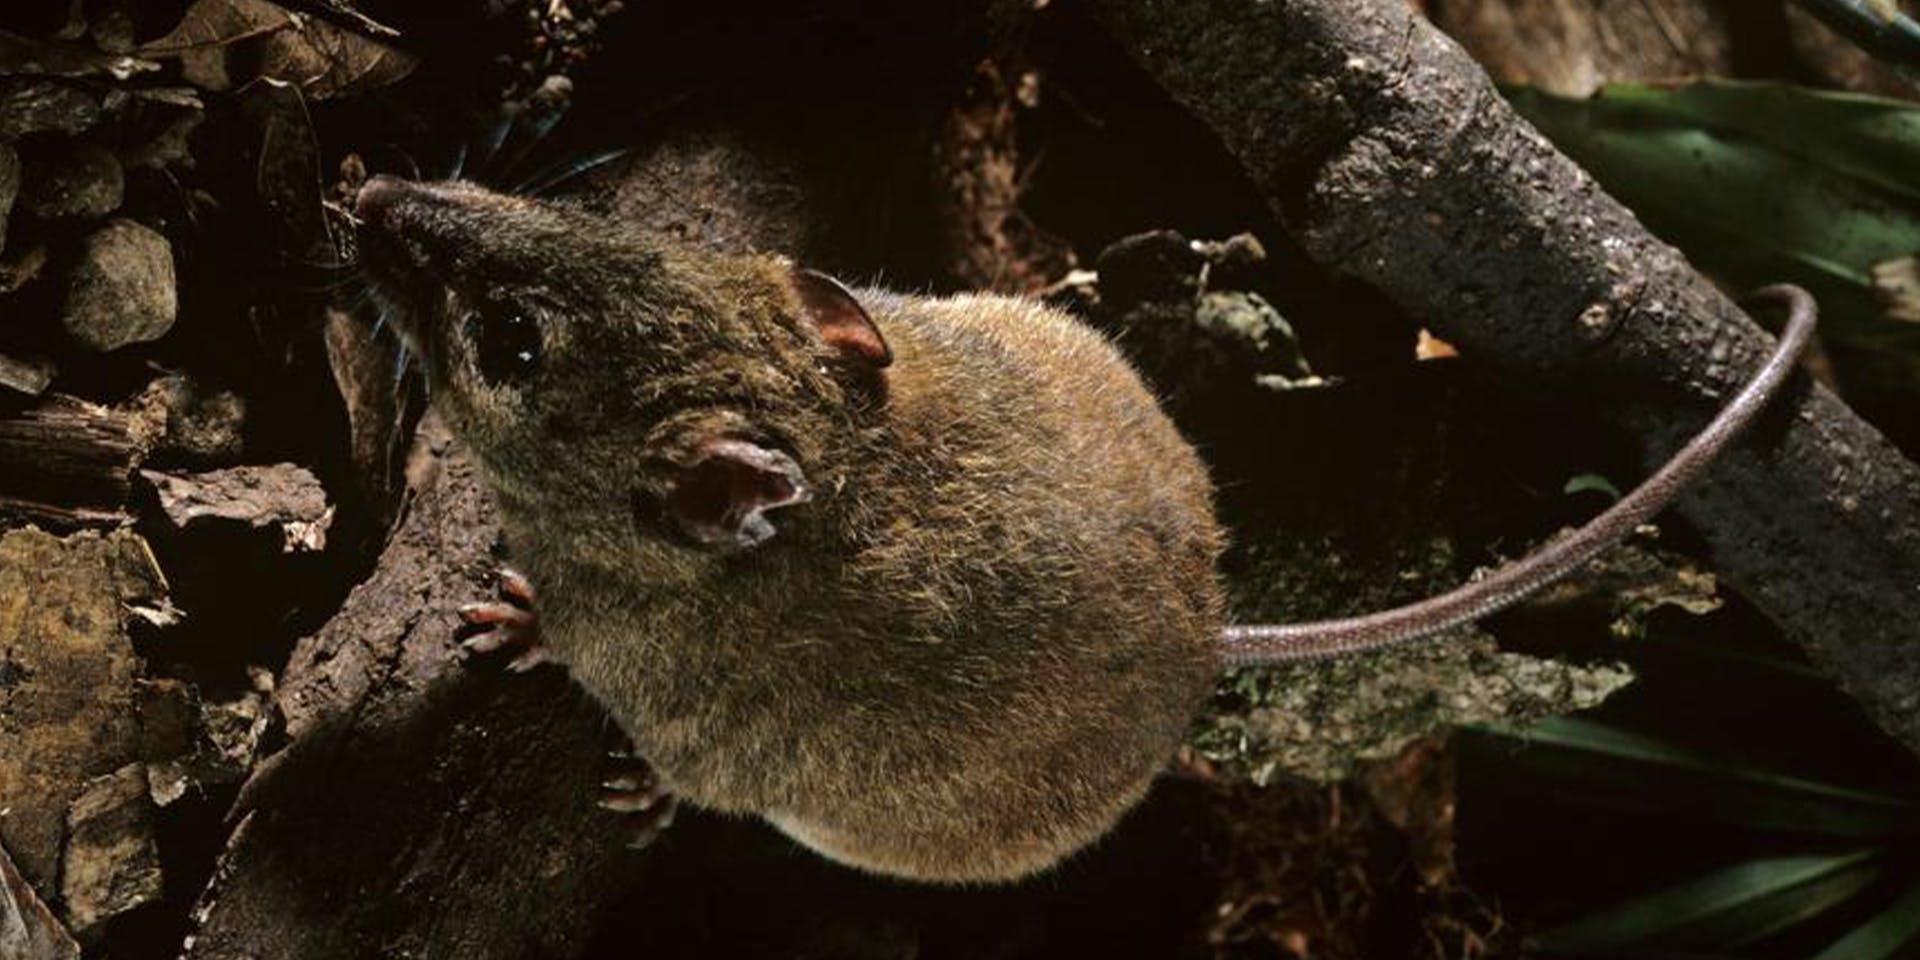 پستاندار کوچک به نام Bramble Cay که شبیه به موش است